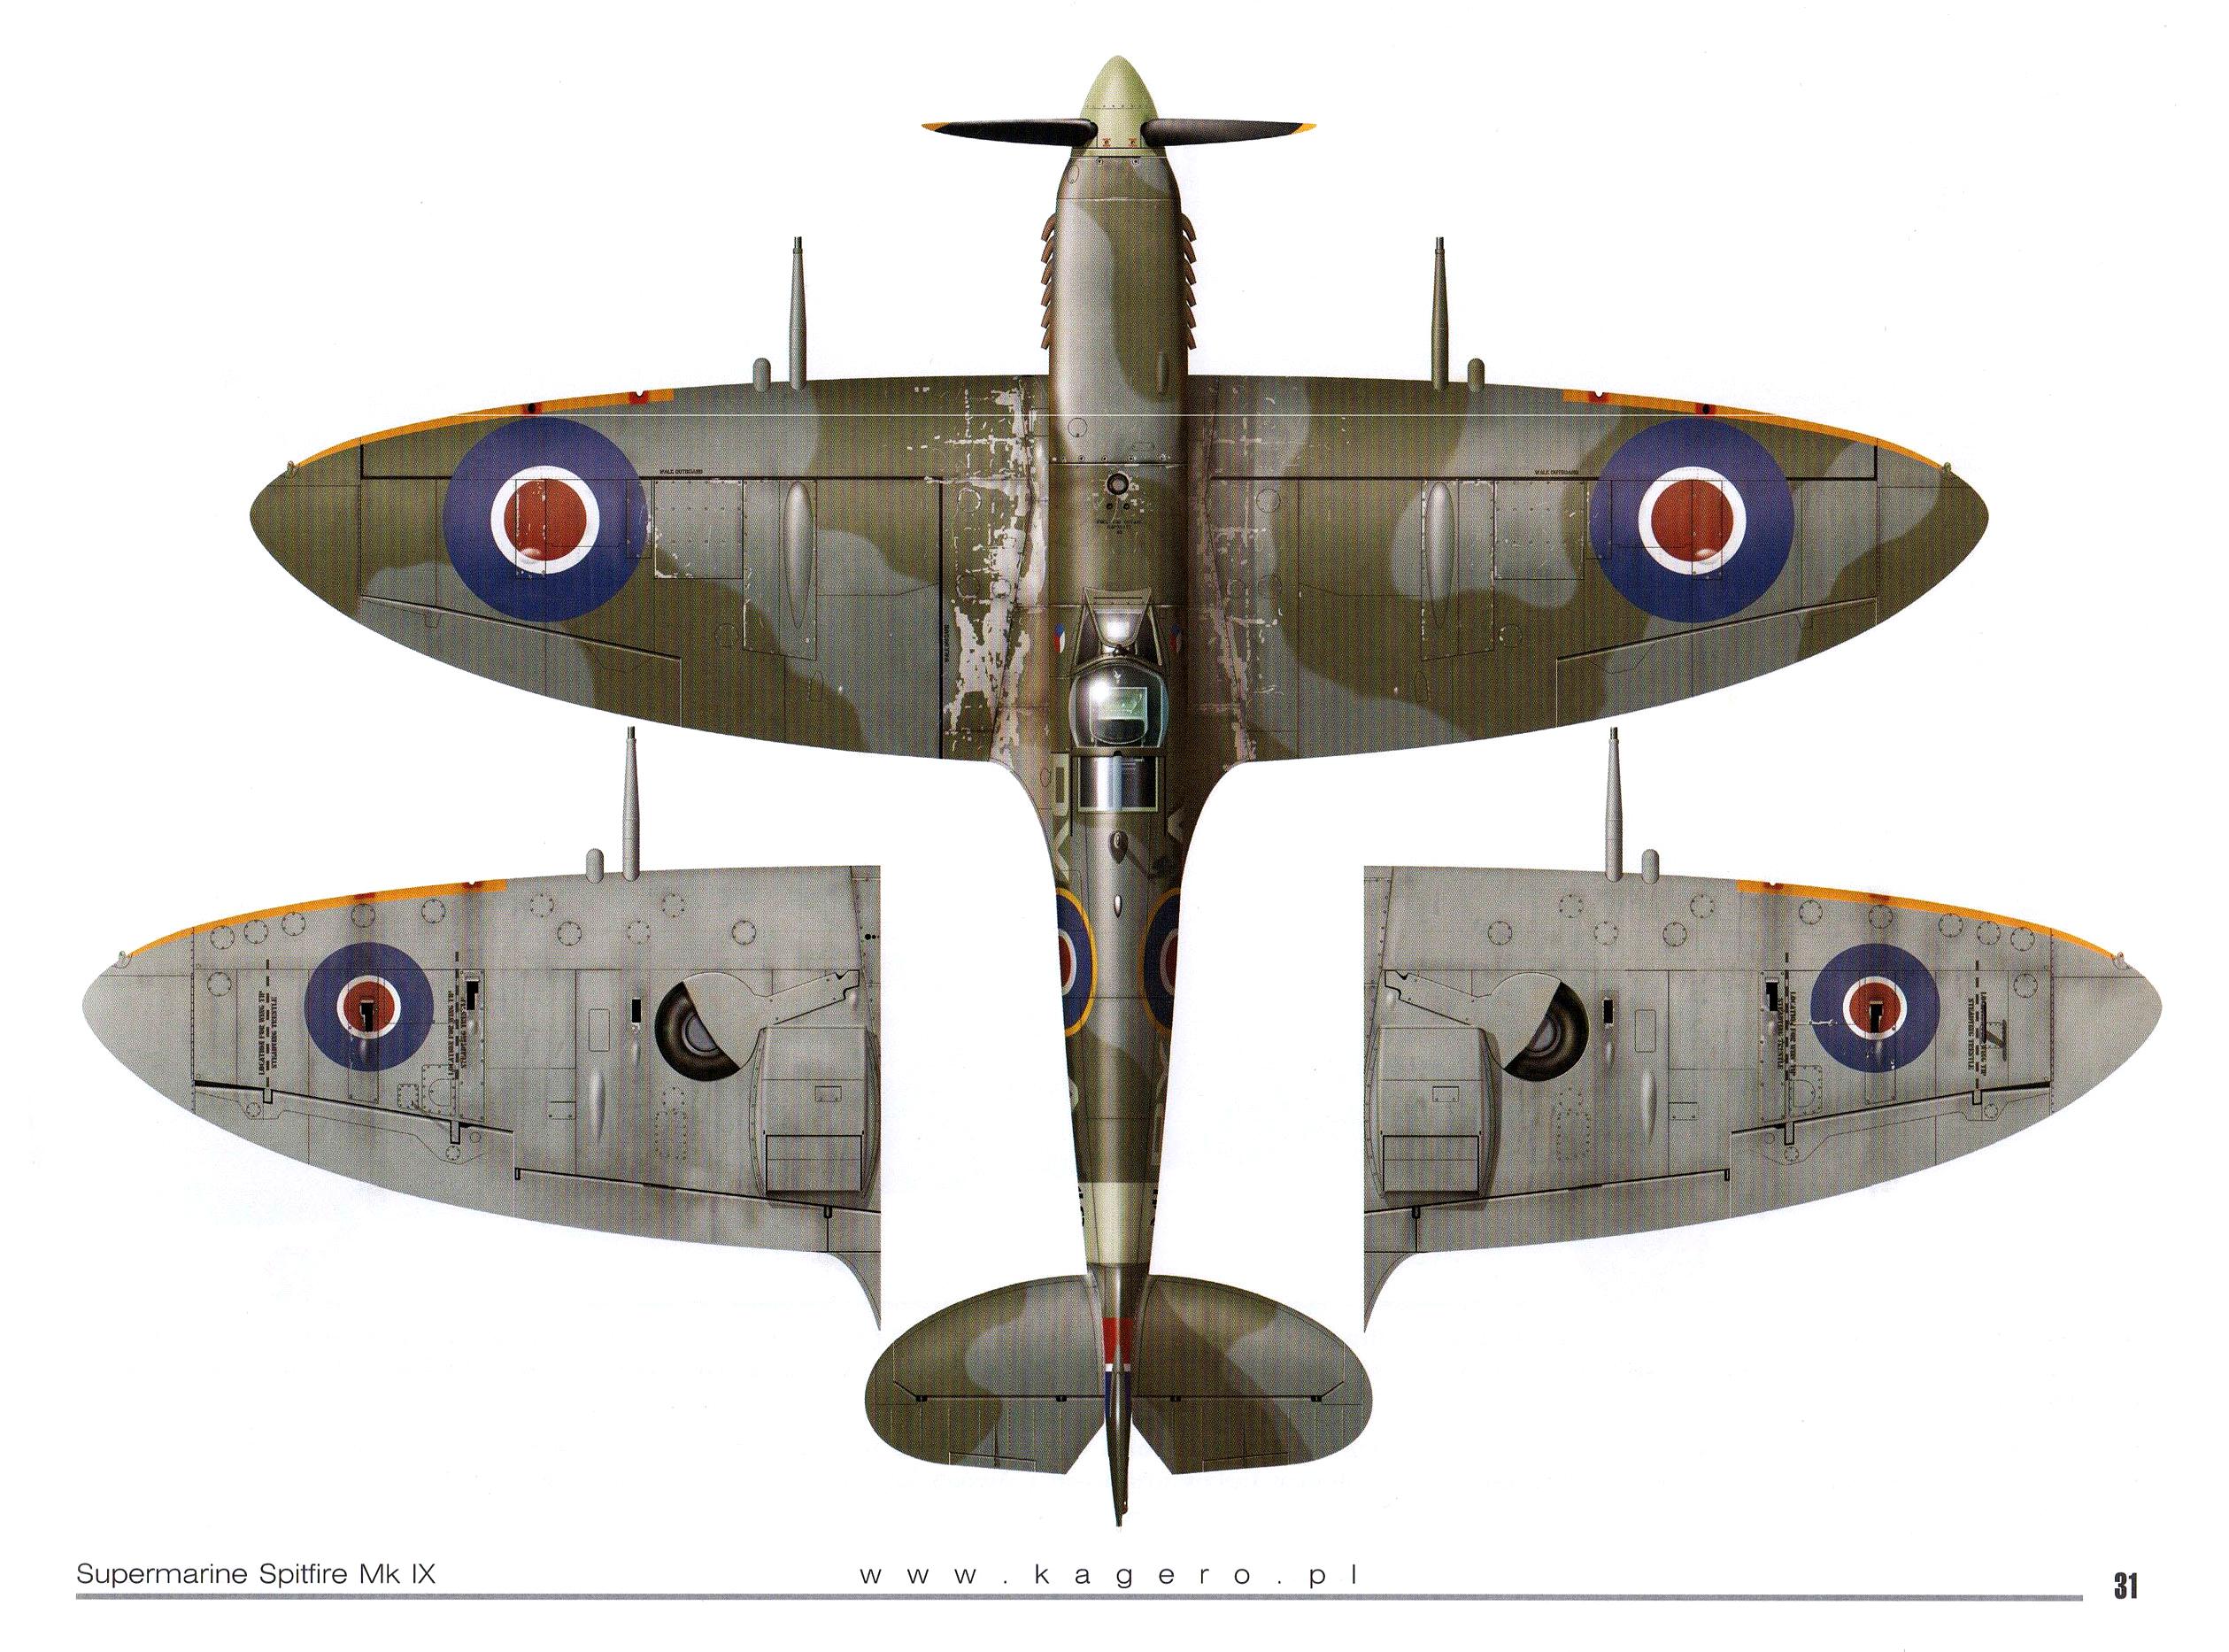 Spitfire HFIXc RAF 313Sqn Czech RYA ML148 TC15015 Supermarine Spitfire MkIX Page 27